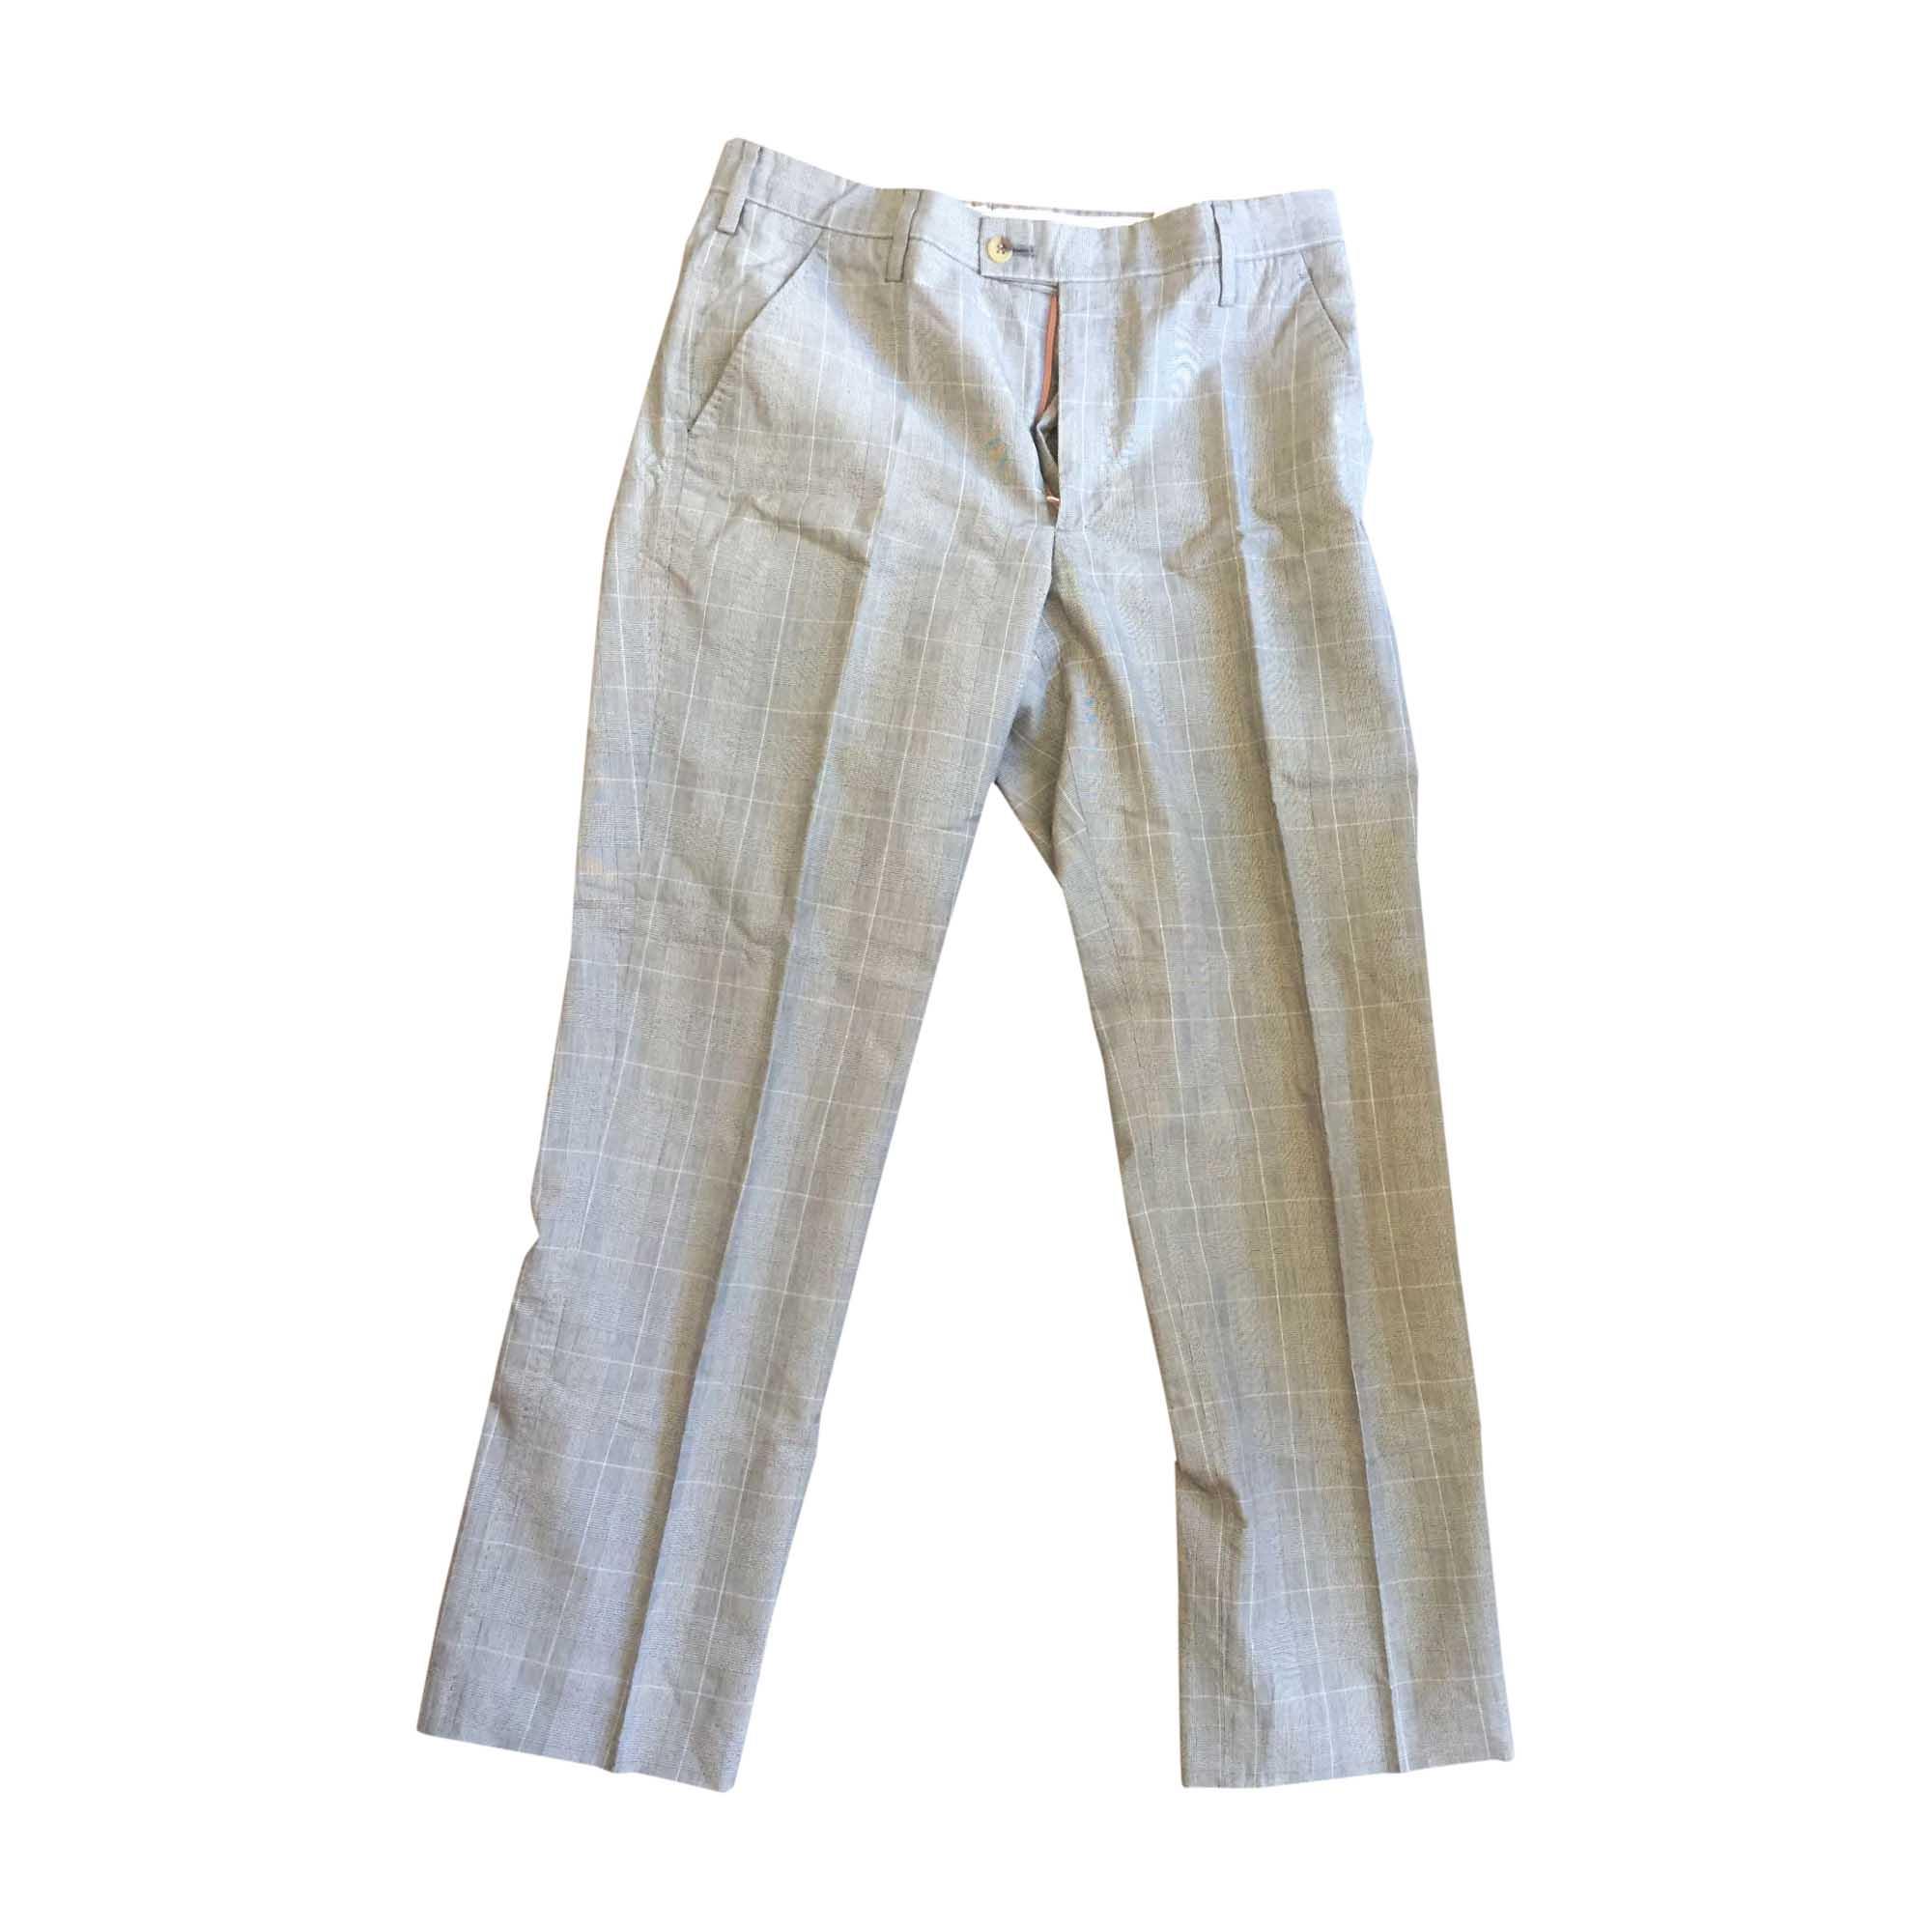 Pantalon slim PAUL SMITH Gris, anthracite